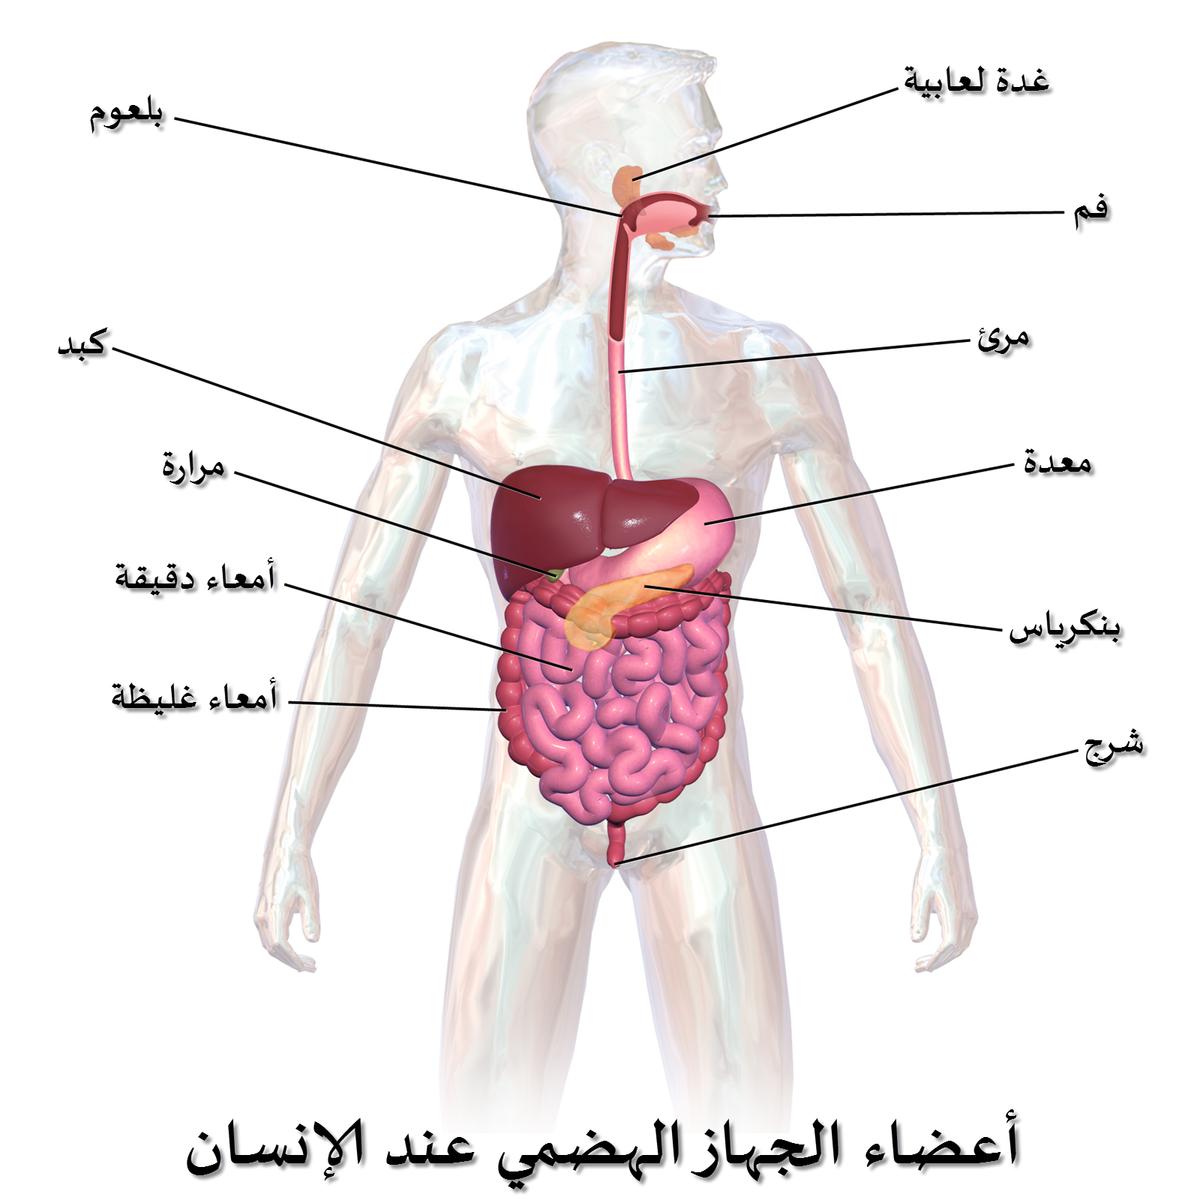 صورة جسم الانسان بالصور , جسم الانسان و ابداع الخالق فيه